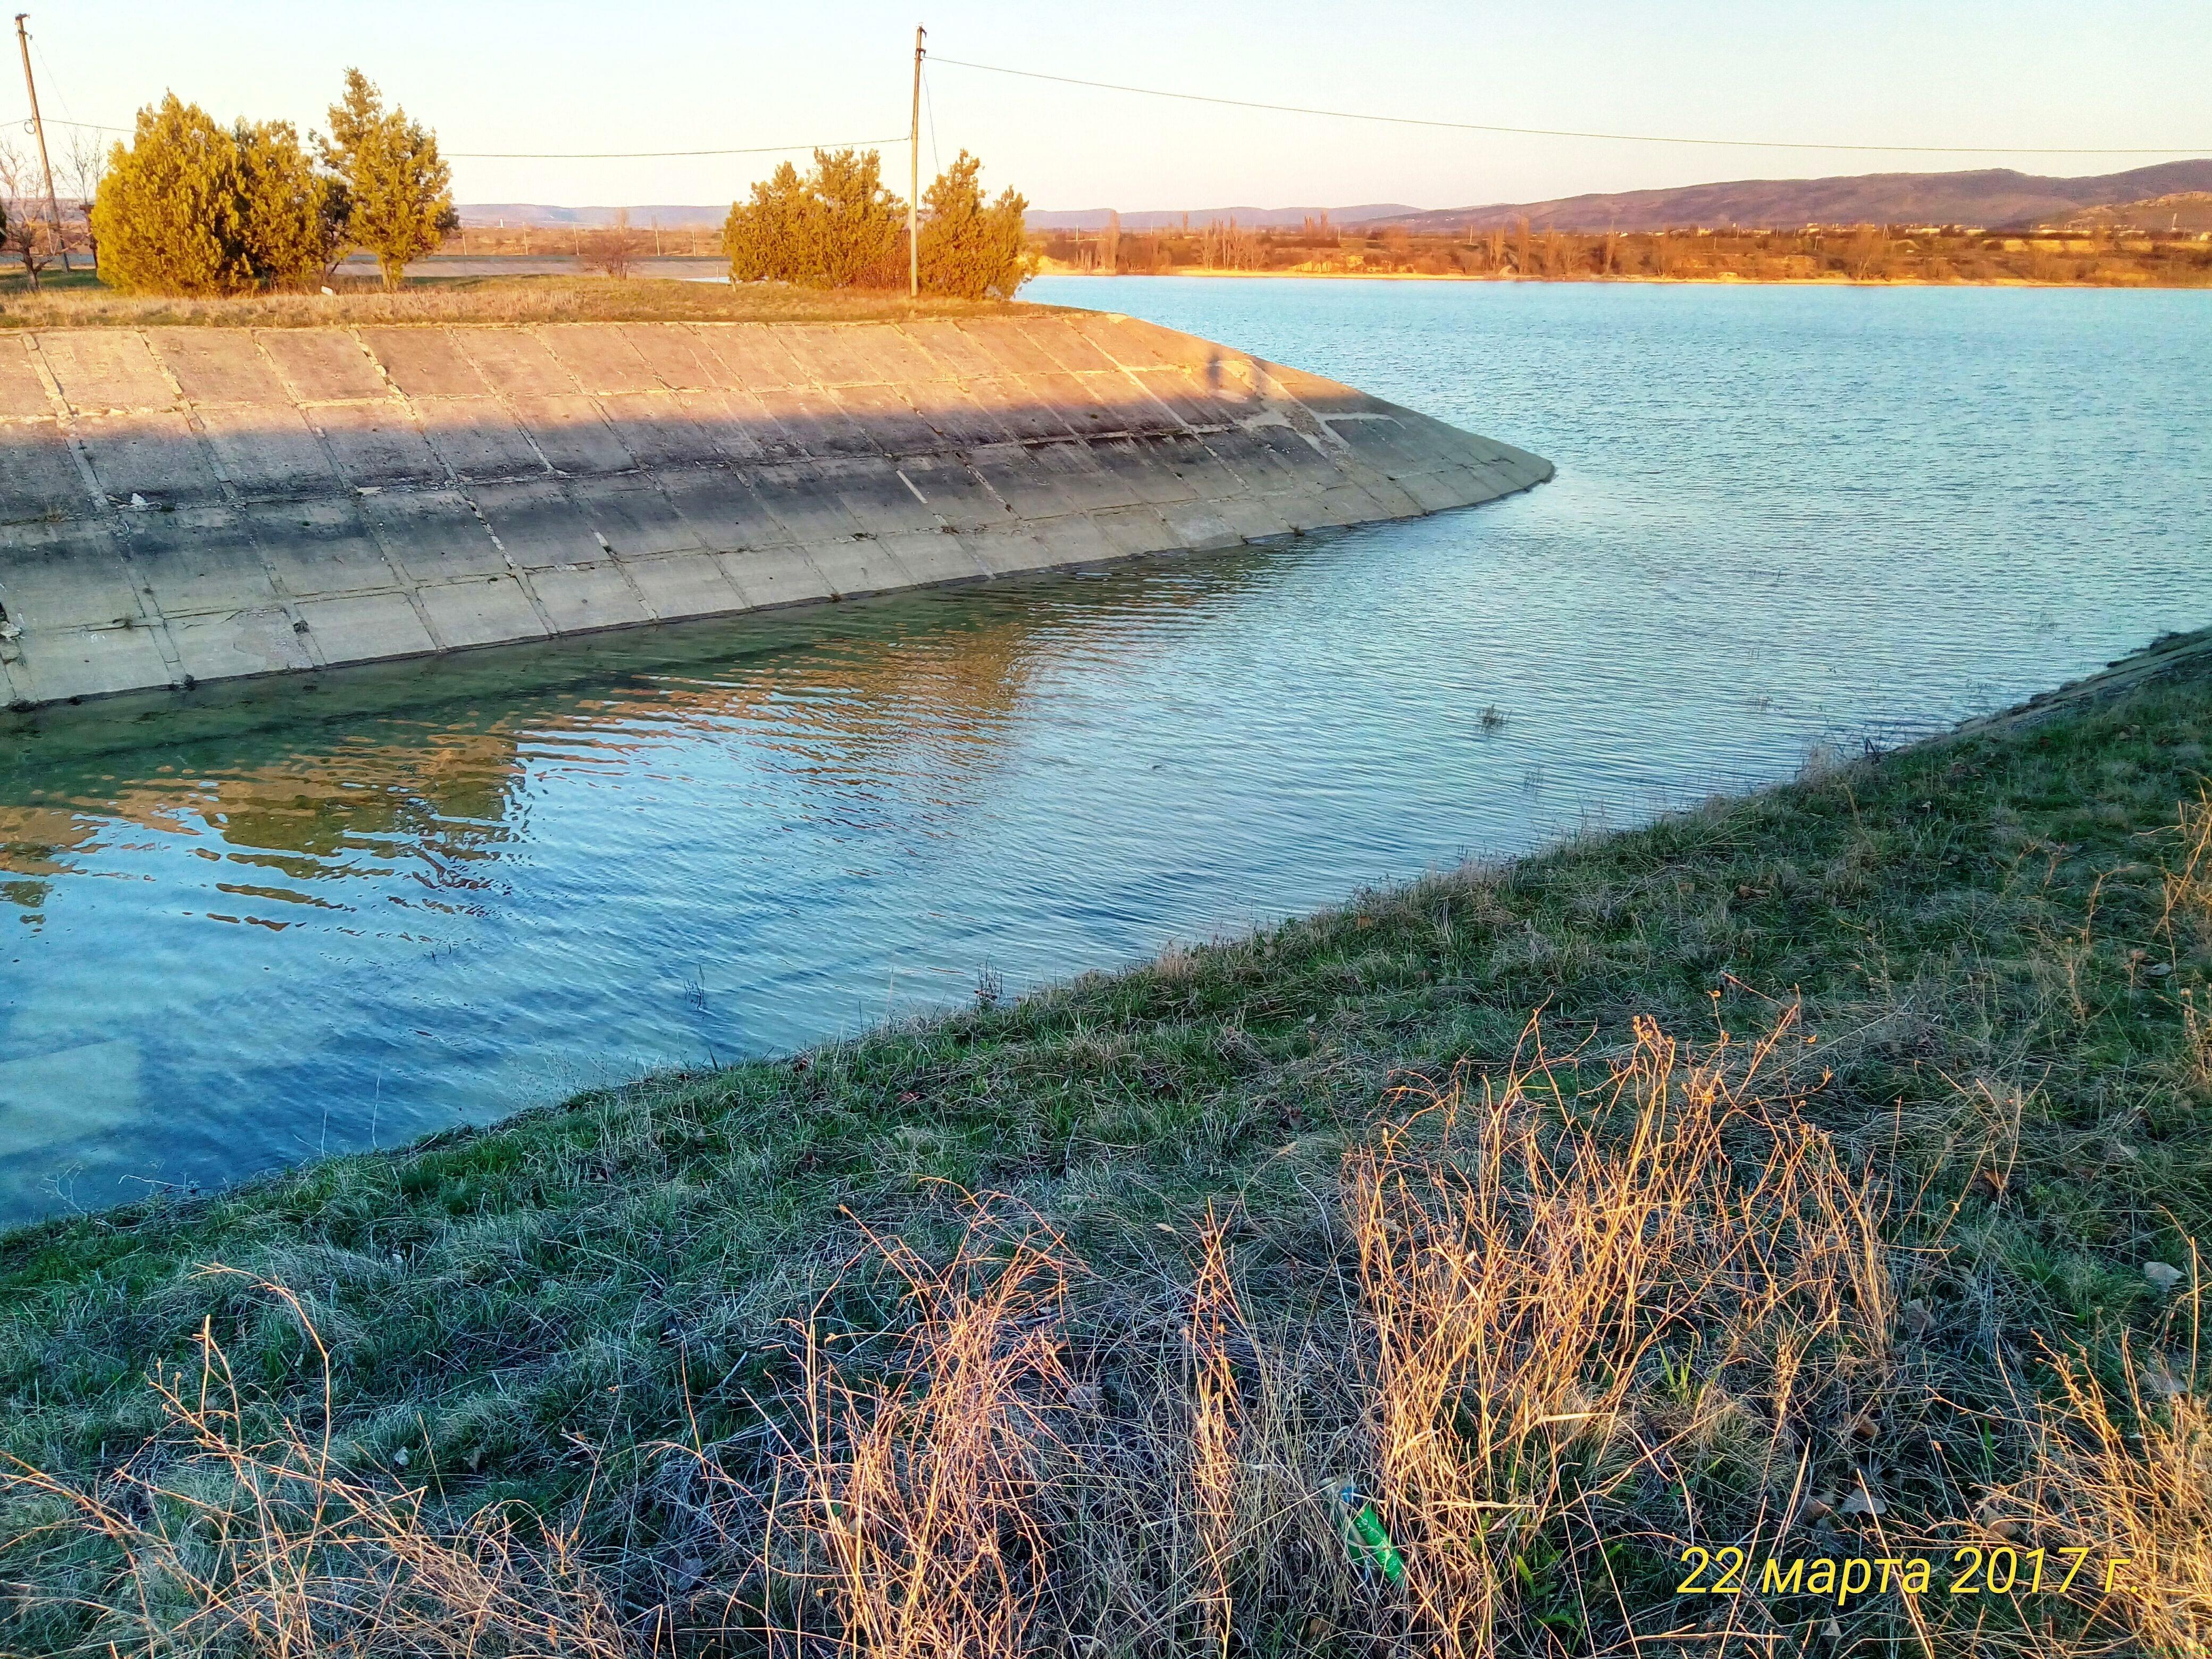 Белогорское водохранилище на сегодня фото заметка о моей реальности в Крыму jokya.ru